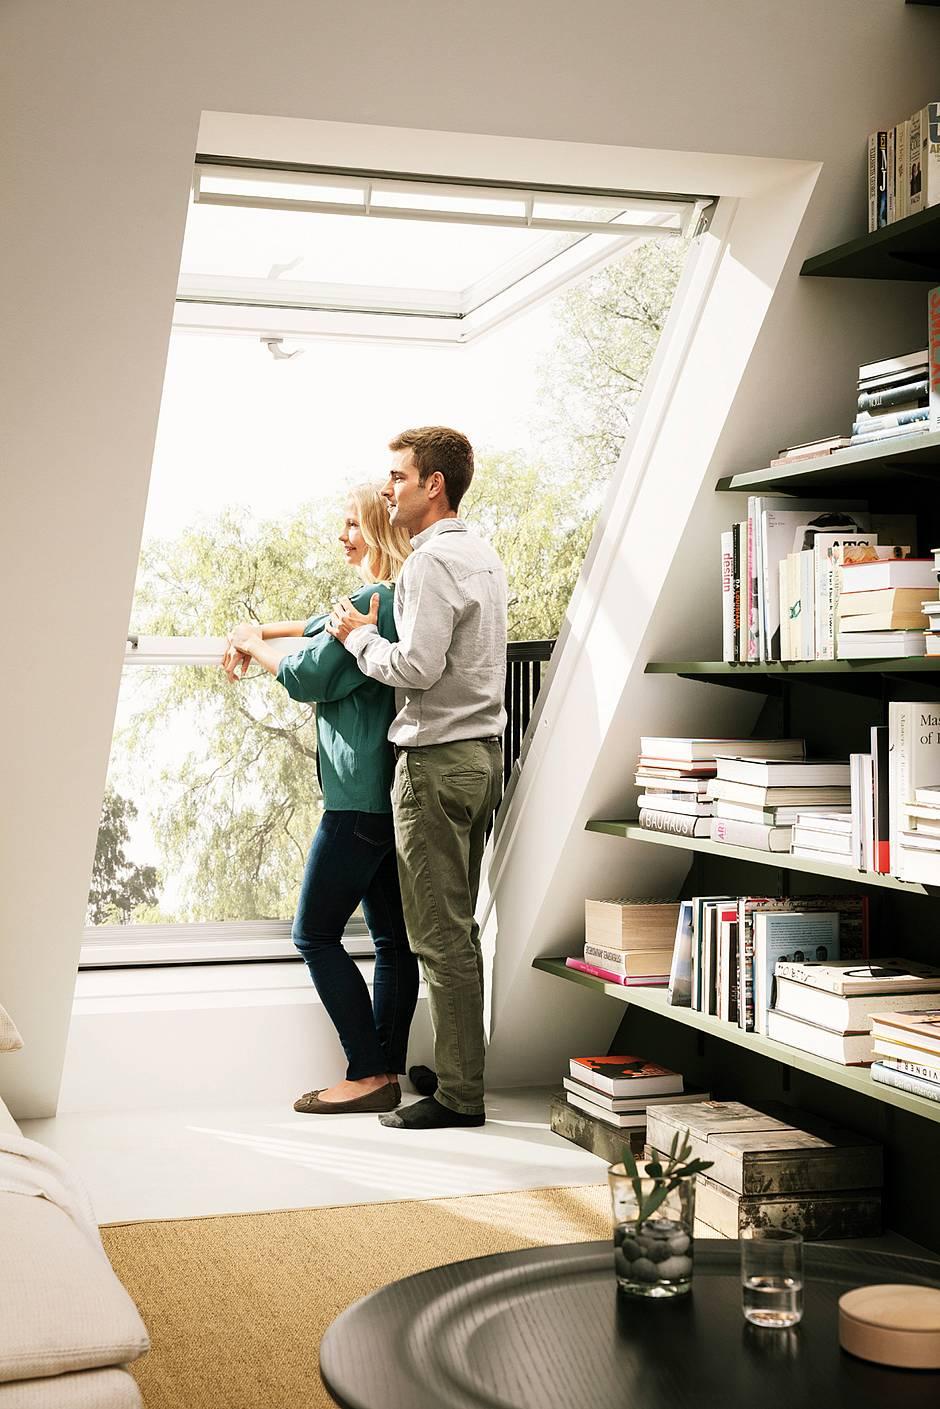 wohn riester neues von der eigenheimrente www. Black Bedroom Furniture Sets. Home Design Ideas